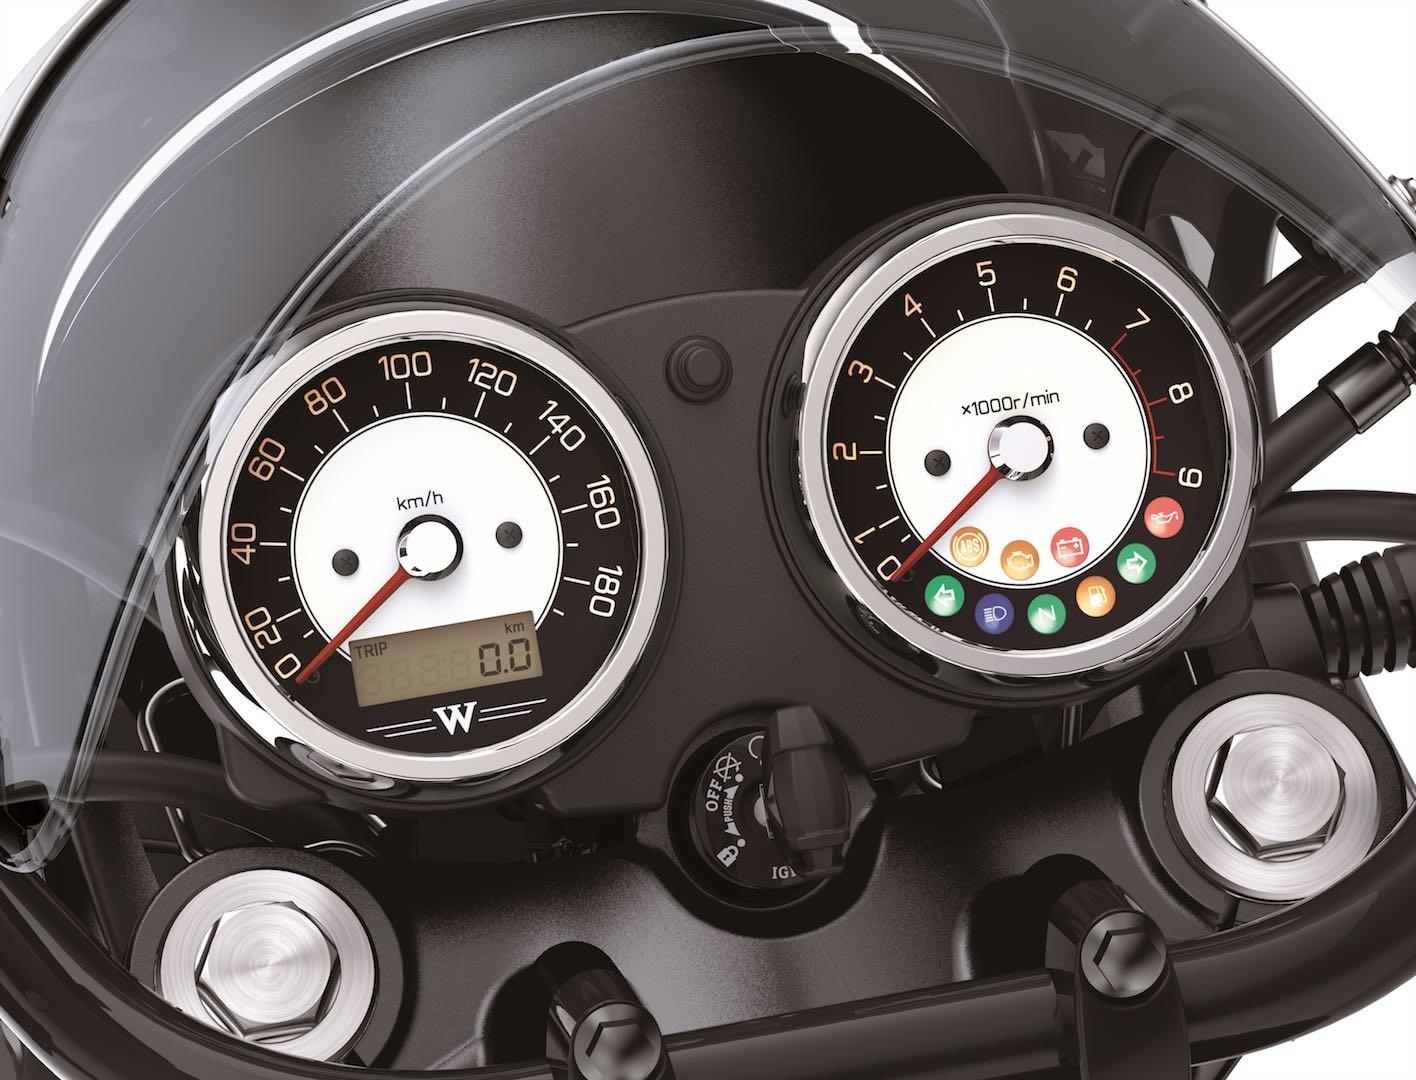 Đồng hồ Analog được giữ nguyên trên Kawasaki W800 Cafe 2019